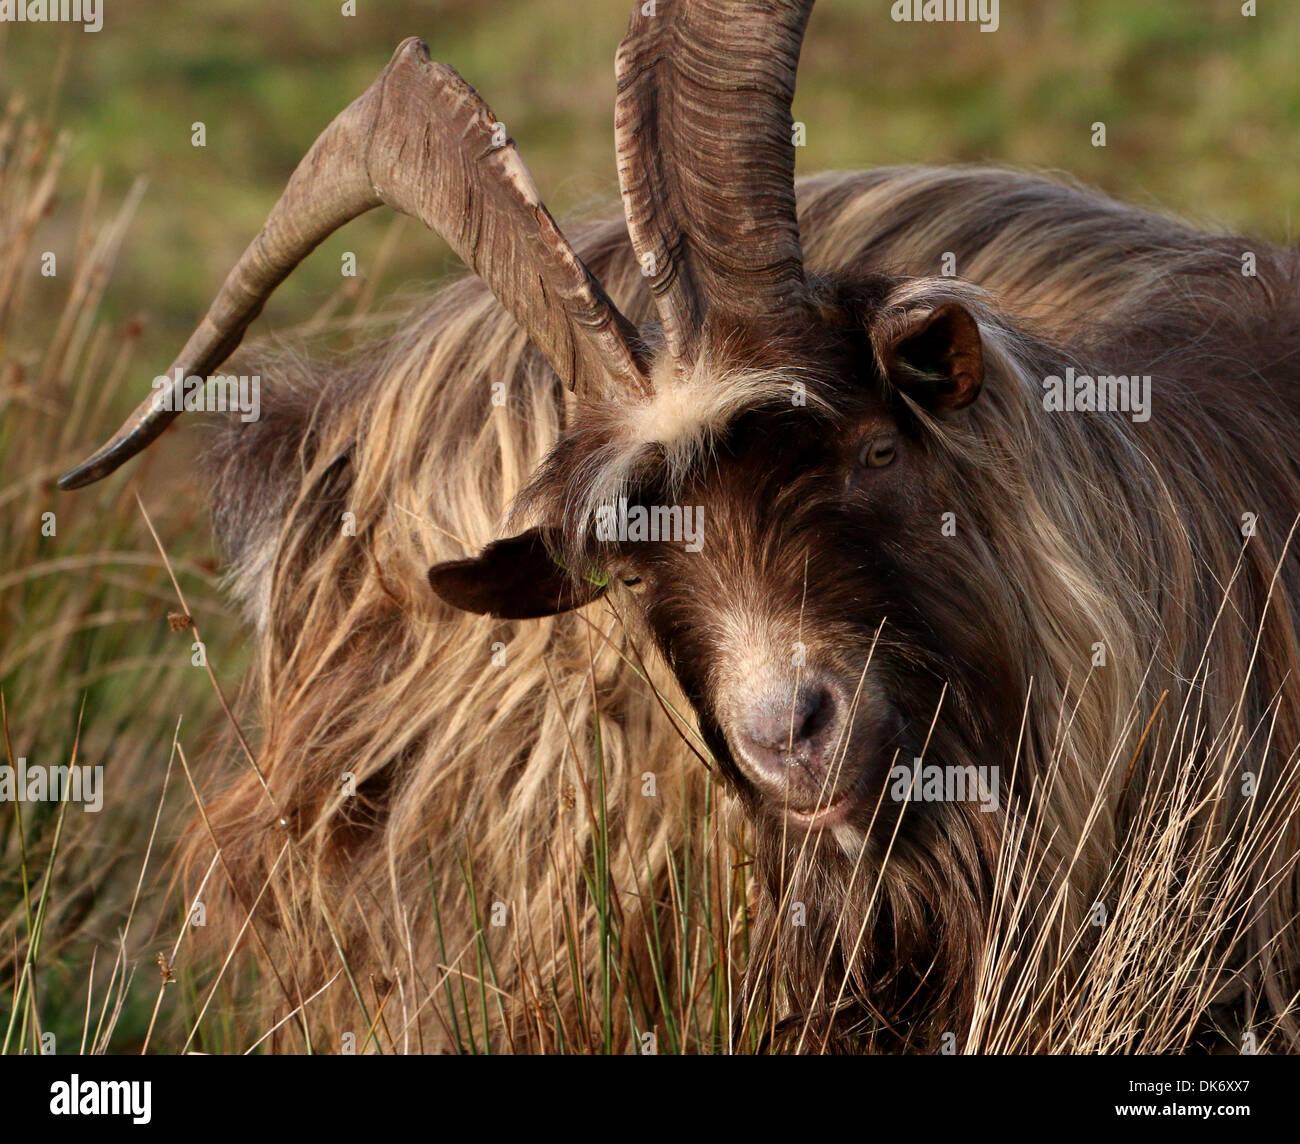 Nahaufnahme des Kopfes und der Oberkörper von einem männlichen Ziegenbock in einer Herde von Ziegen niederländischen Landrasse Stockbild